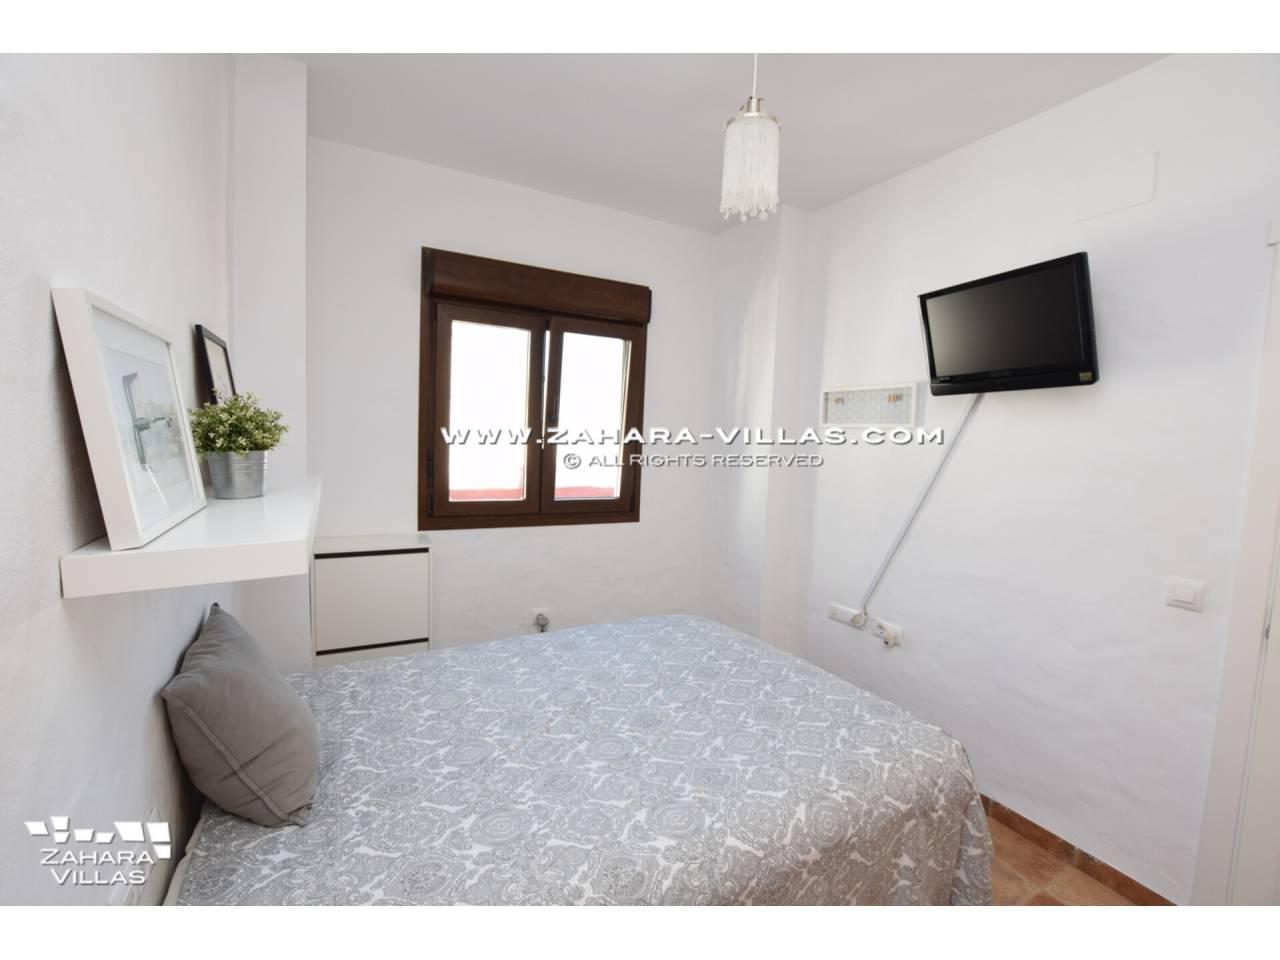 Imagen 22 de Haus zum verkauf in Zahara de los Atunes